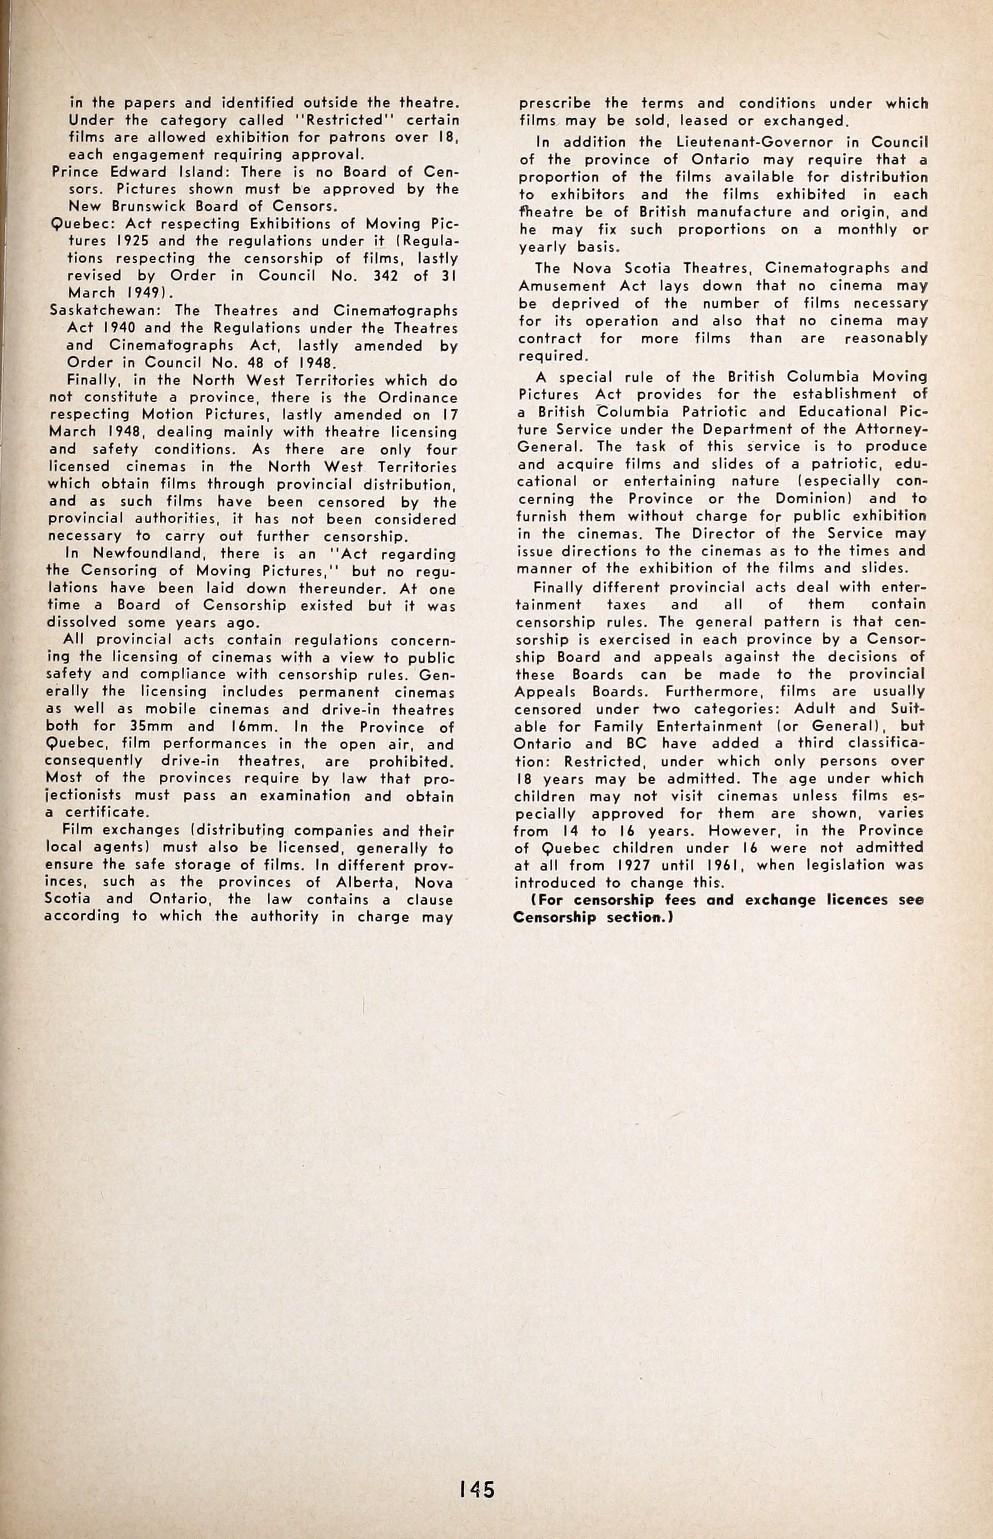 196162yearbookca00film_jp2.zip&file=196162yearbookca00film_jp2%2f196162yearbookca00film_0147